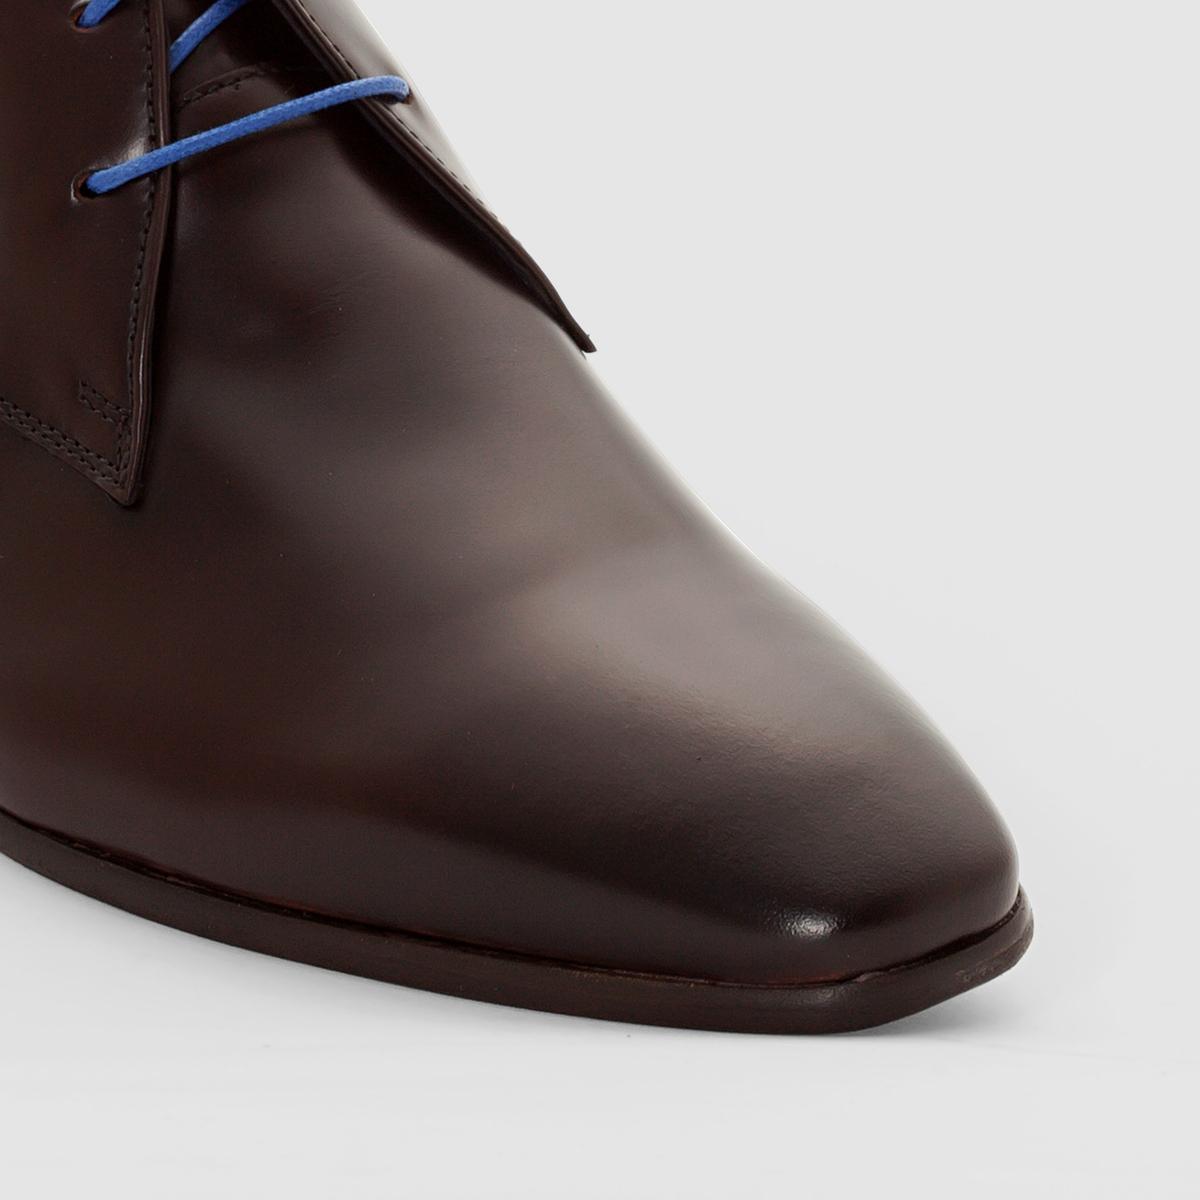 Ботинки на шнуровке JavoyВерх/ Голенище :        телячья кожа    Подкладка : кожа и текстиль   Стелька : кожа.    Подошва : из эластомера    Застежка : Шнуровка<br><br>Цвет: темный каштан<br>Размер: 41